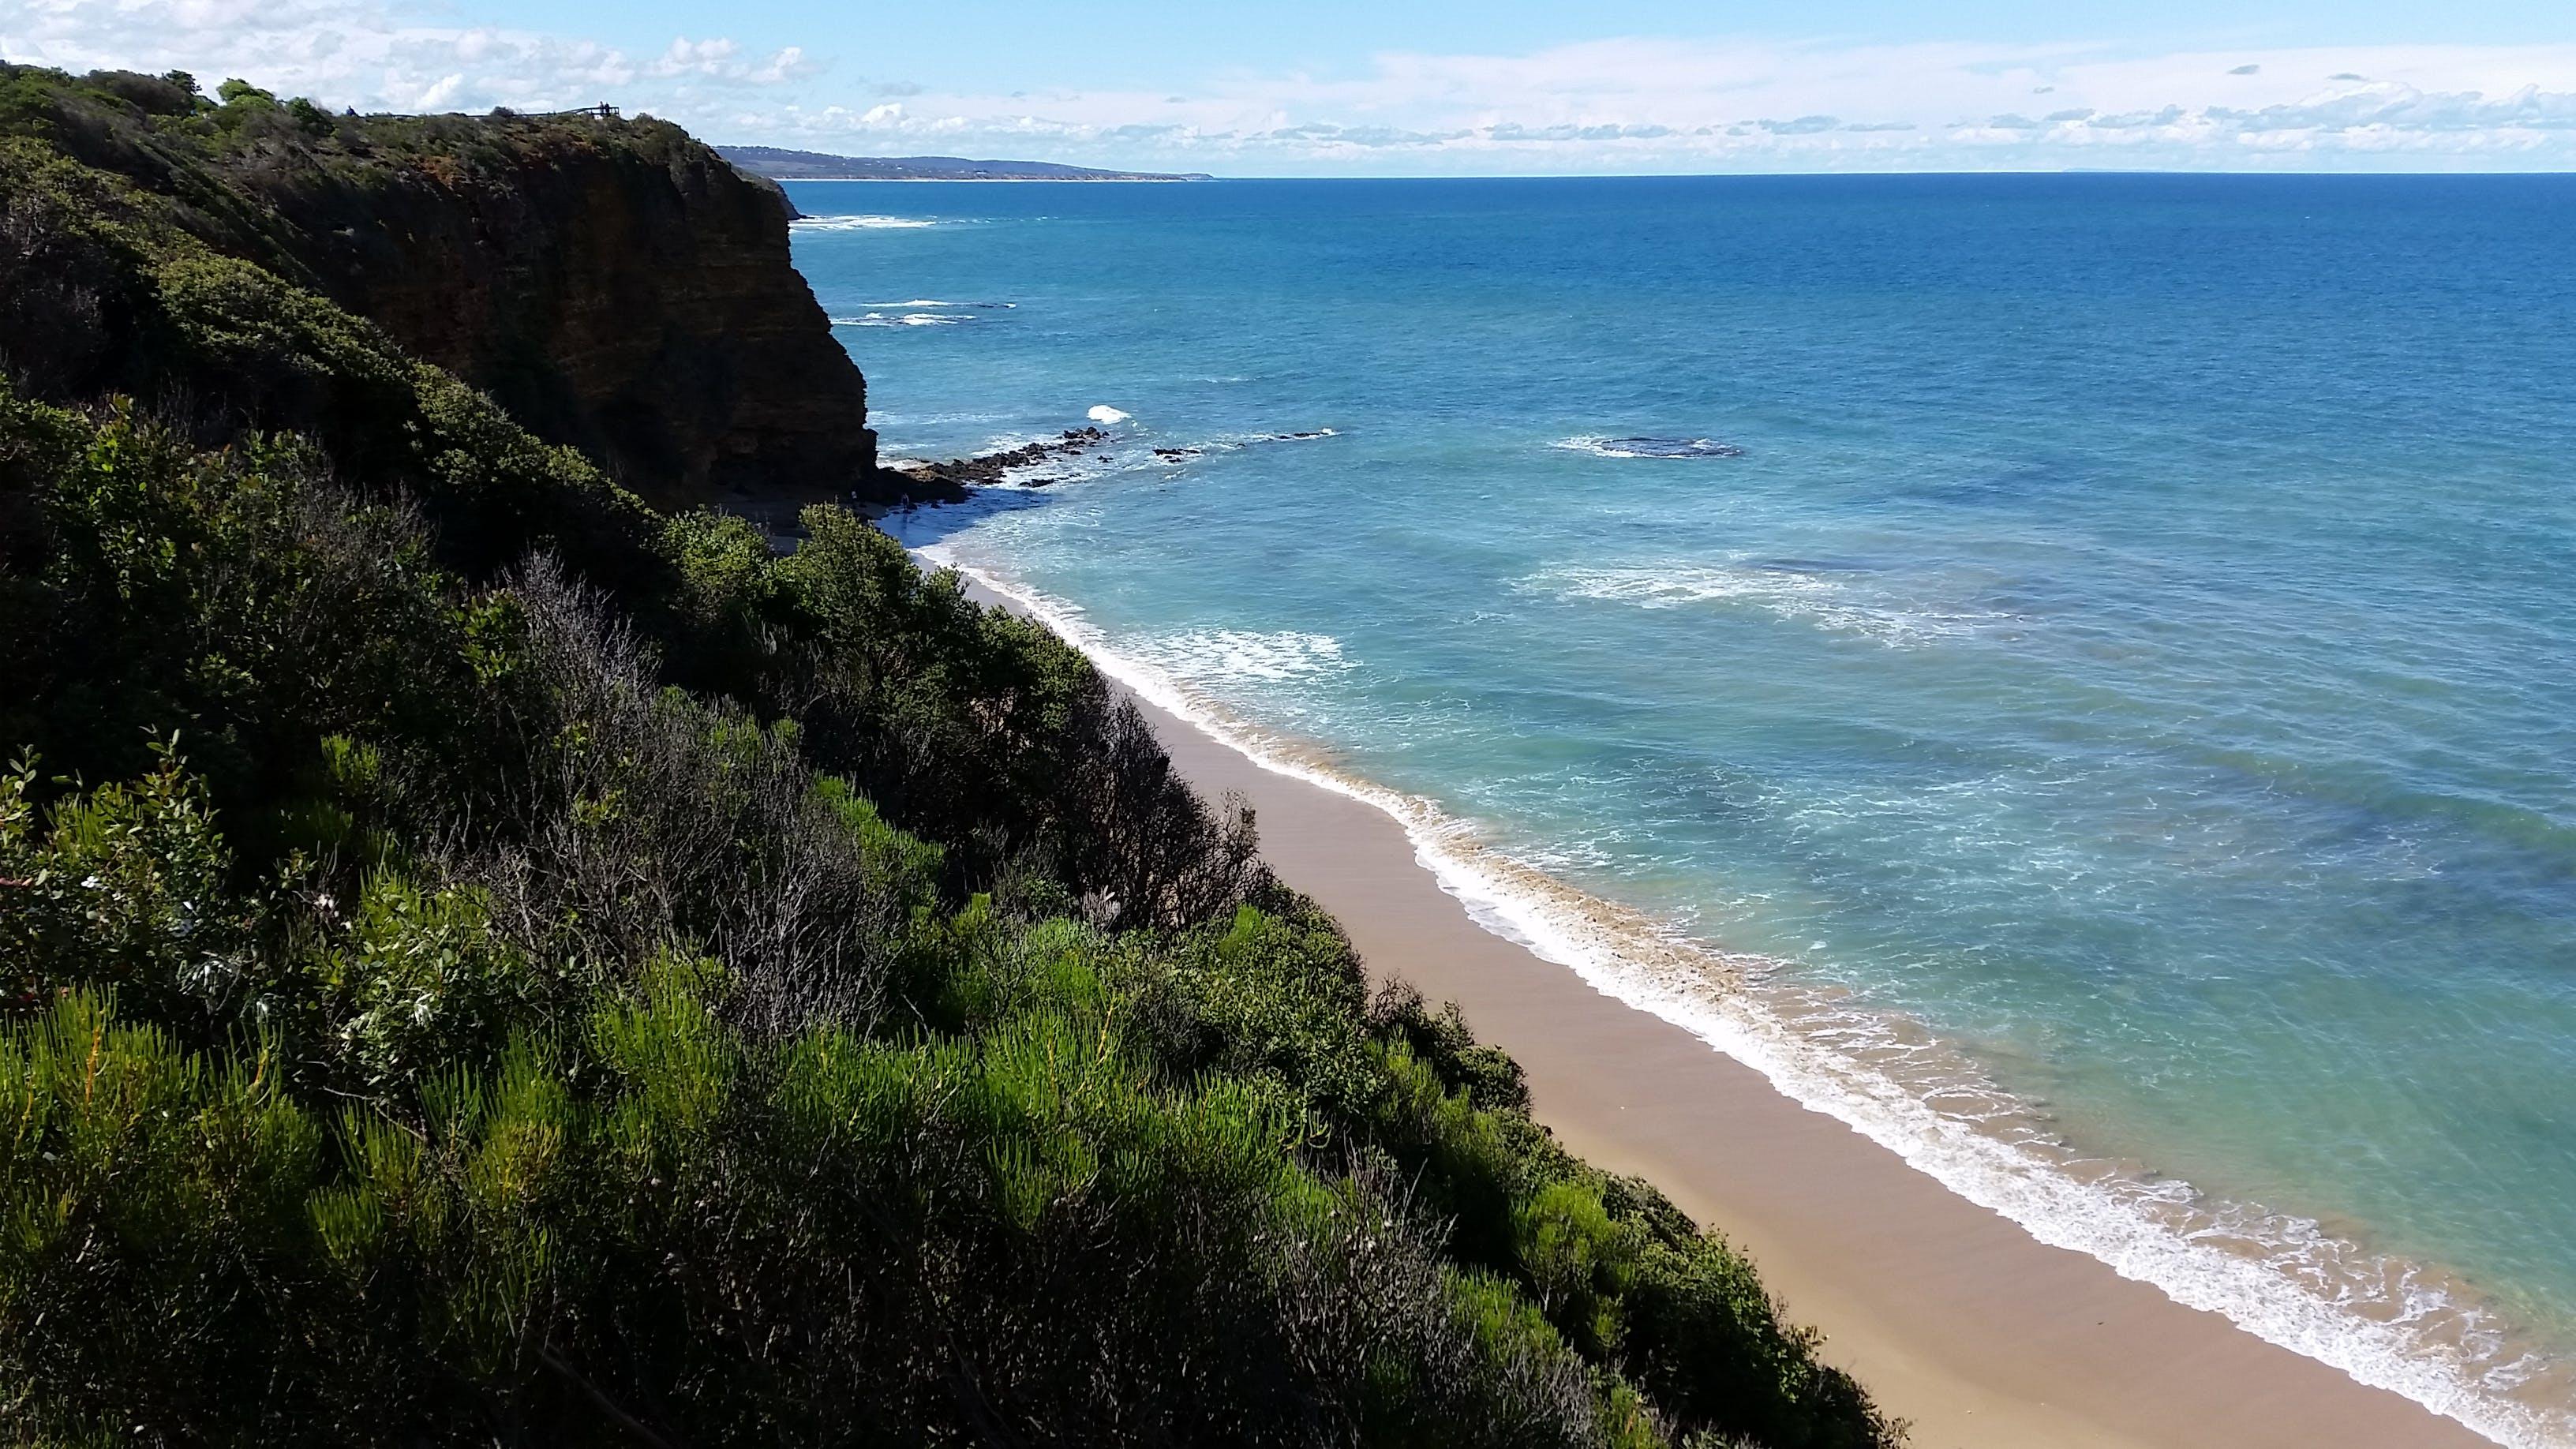 australia, beach, coast